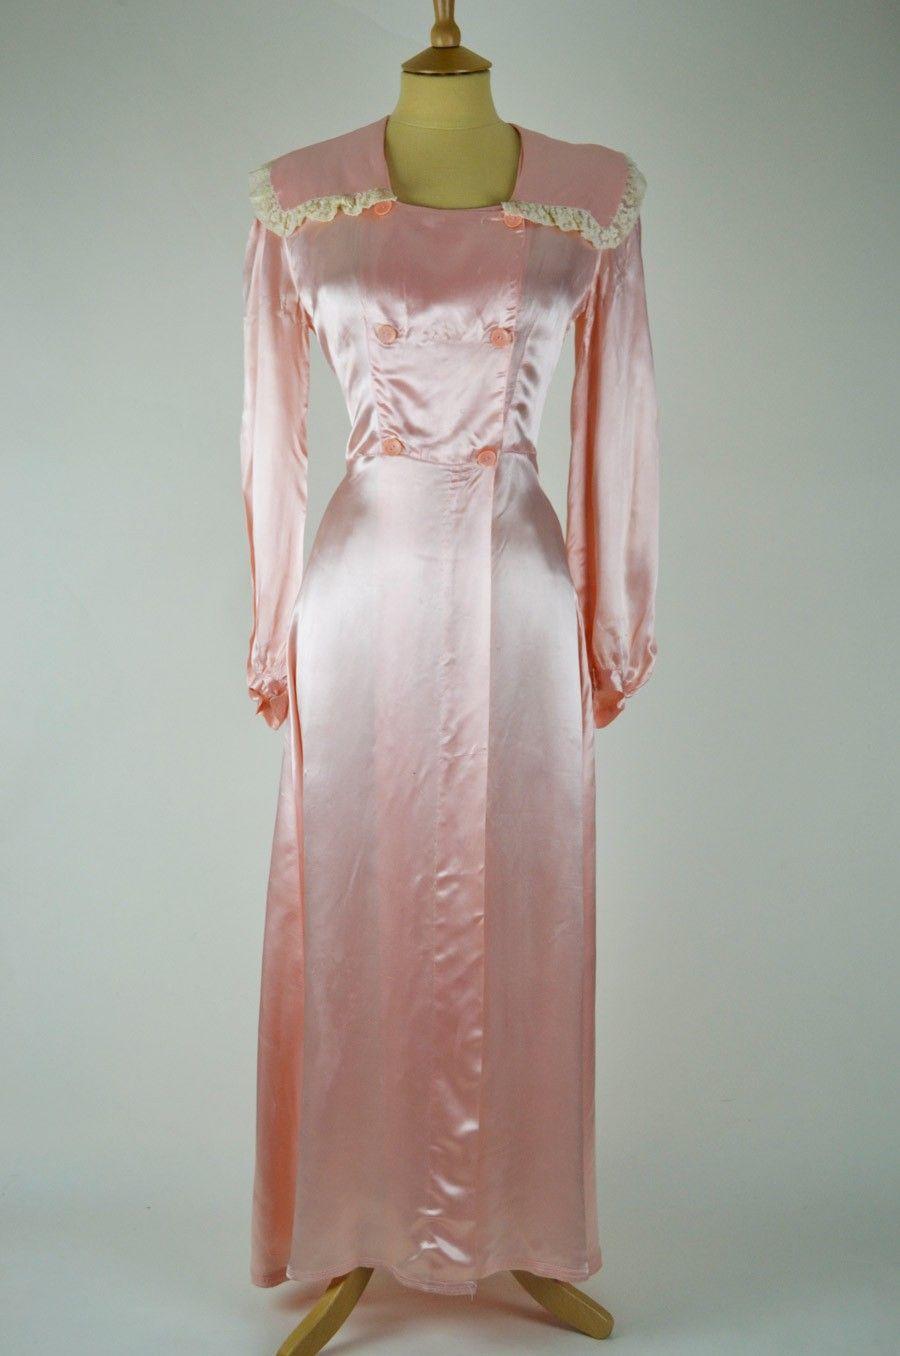 silk satin gowns | ... 1940s Vintage Dressing Gown Peach Pink Silk ...